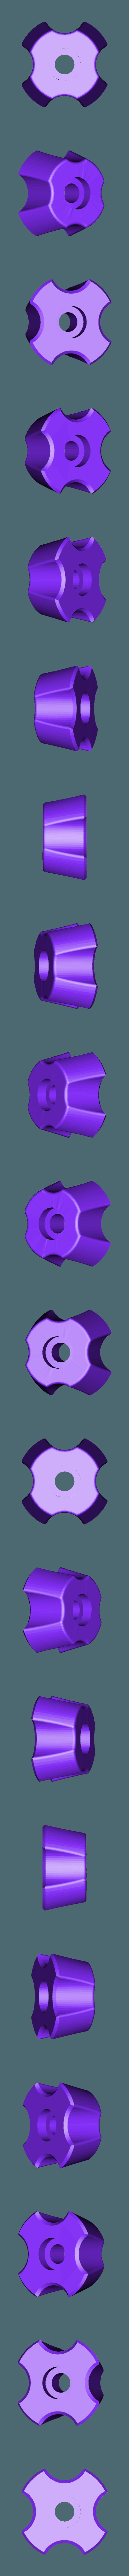 Hubs_v4.stl Télécharger fichier STL gratuit Porte-bobine à centre ajustable • Design pour imprimante 3D, jonbourg